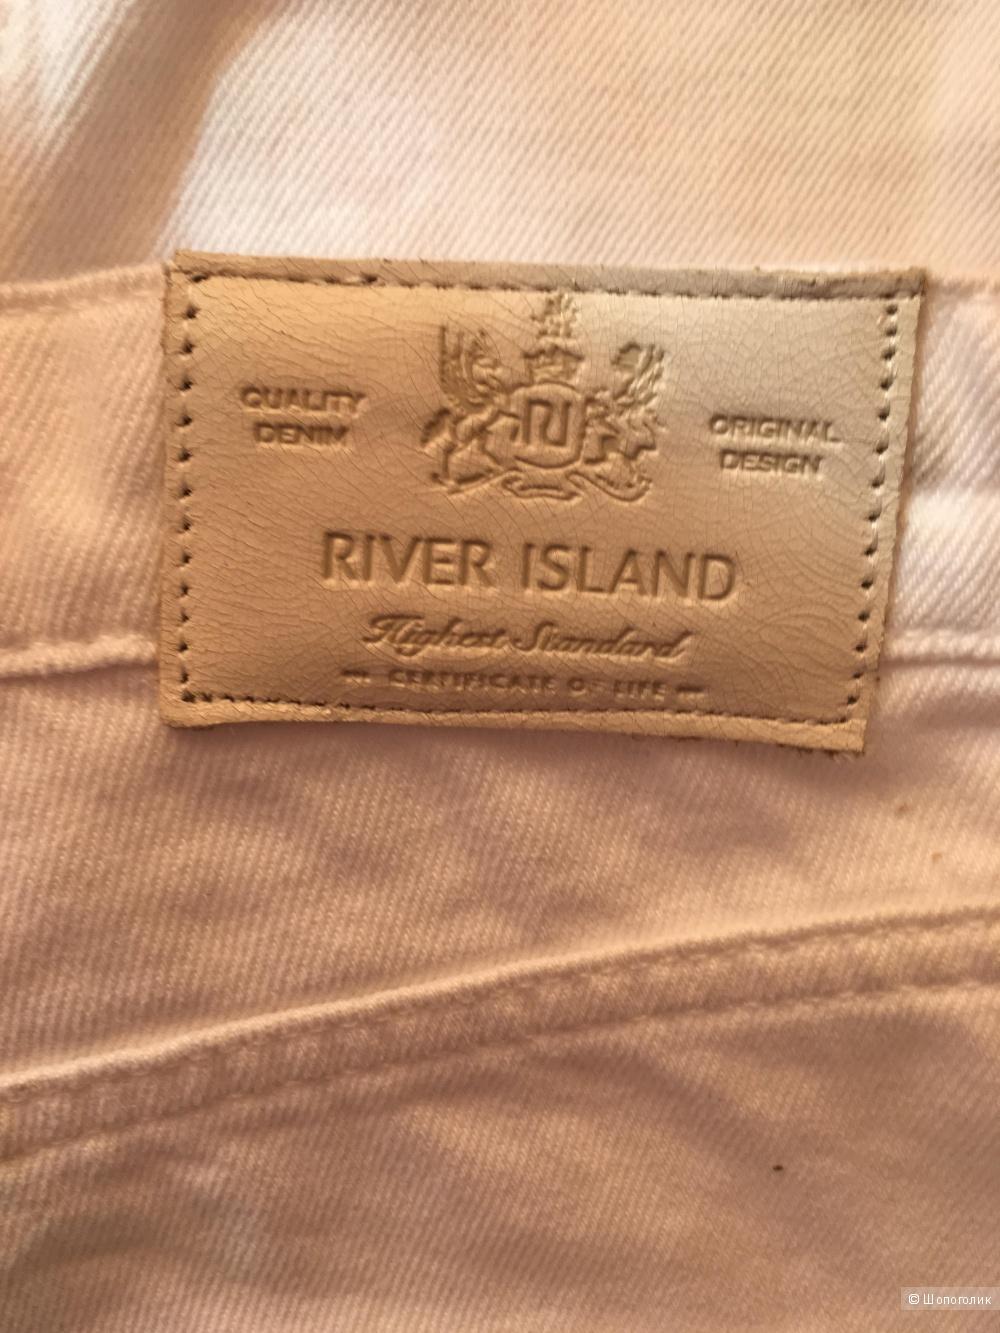 Джинсы бойфренды River Island, 46-48 размер